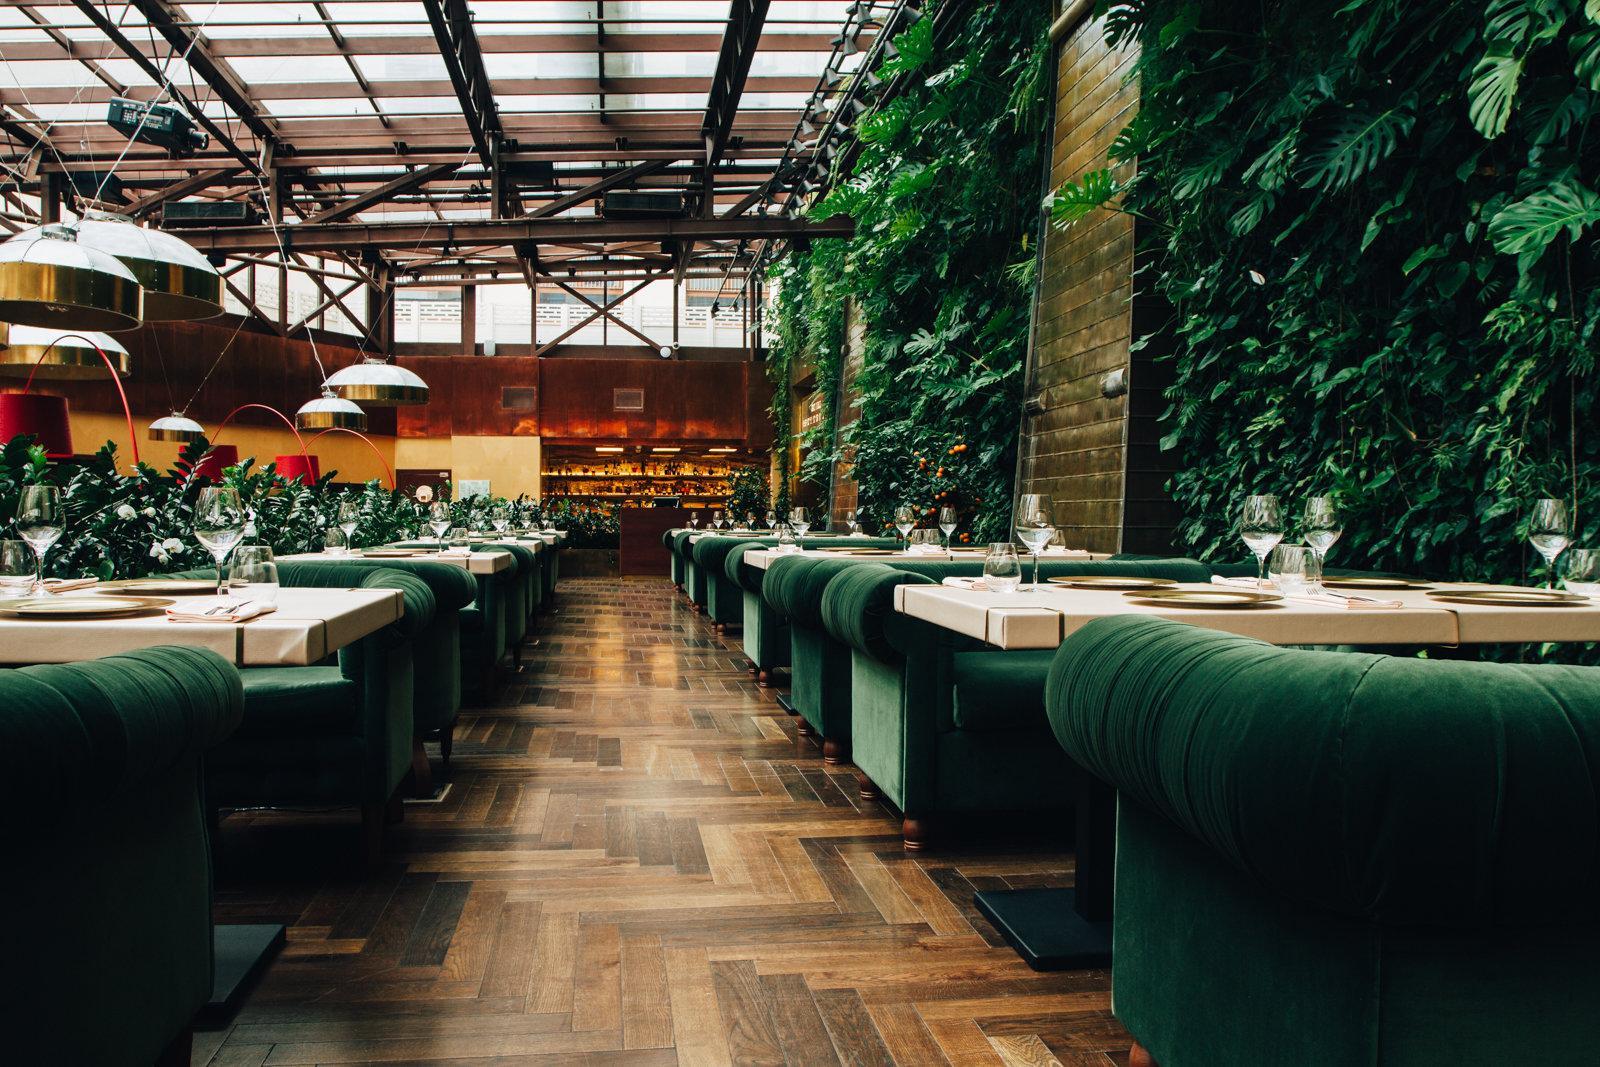 фотография Ресторана La bella societa в ТЦ Модный Сезон